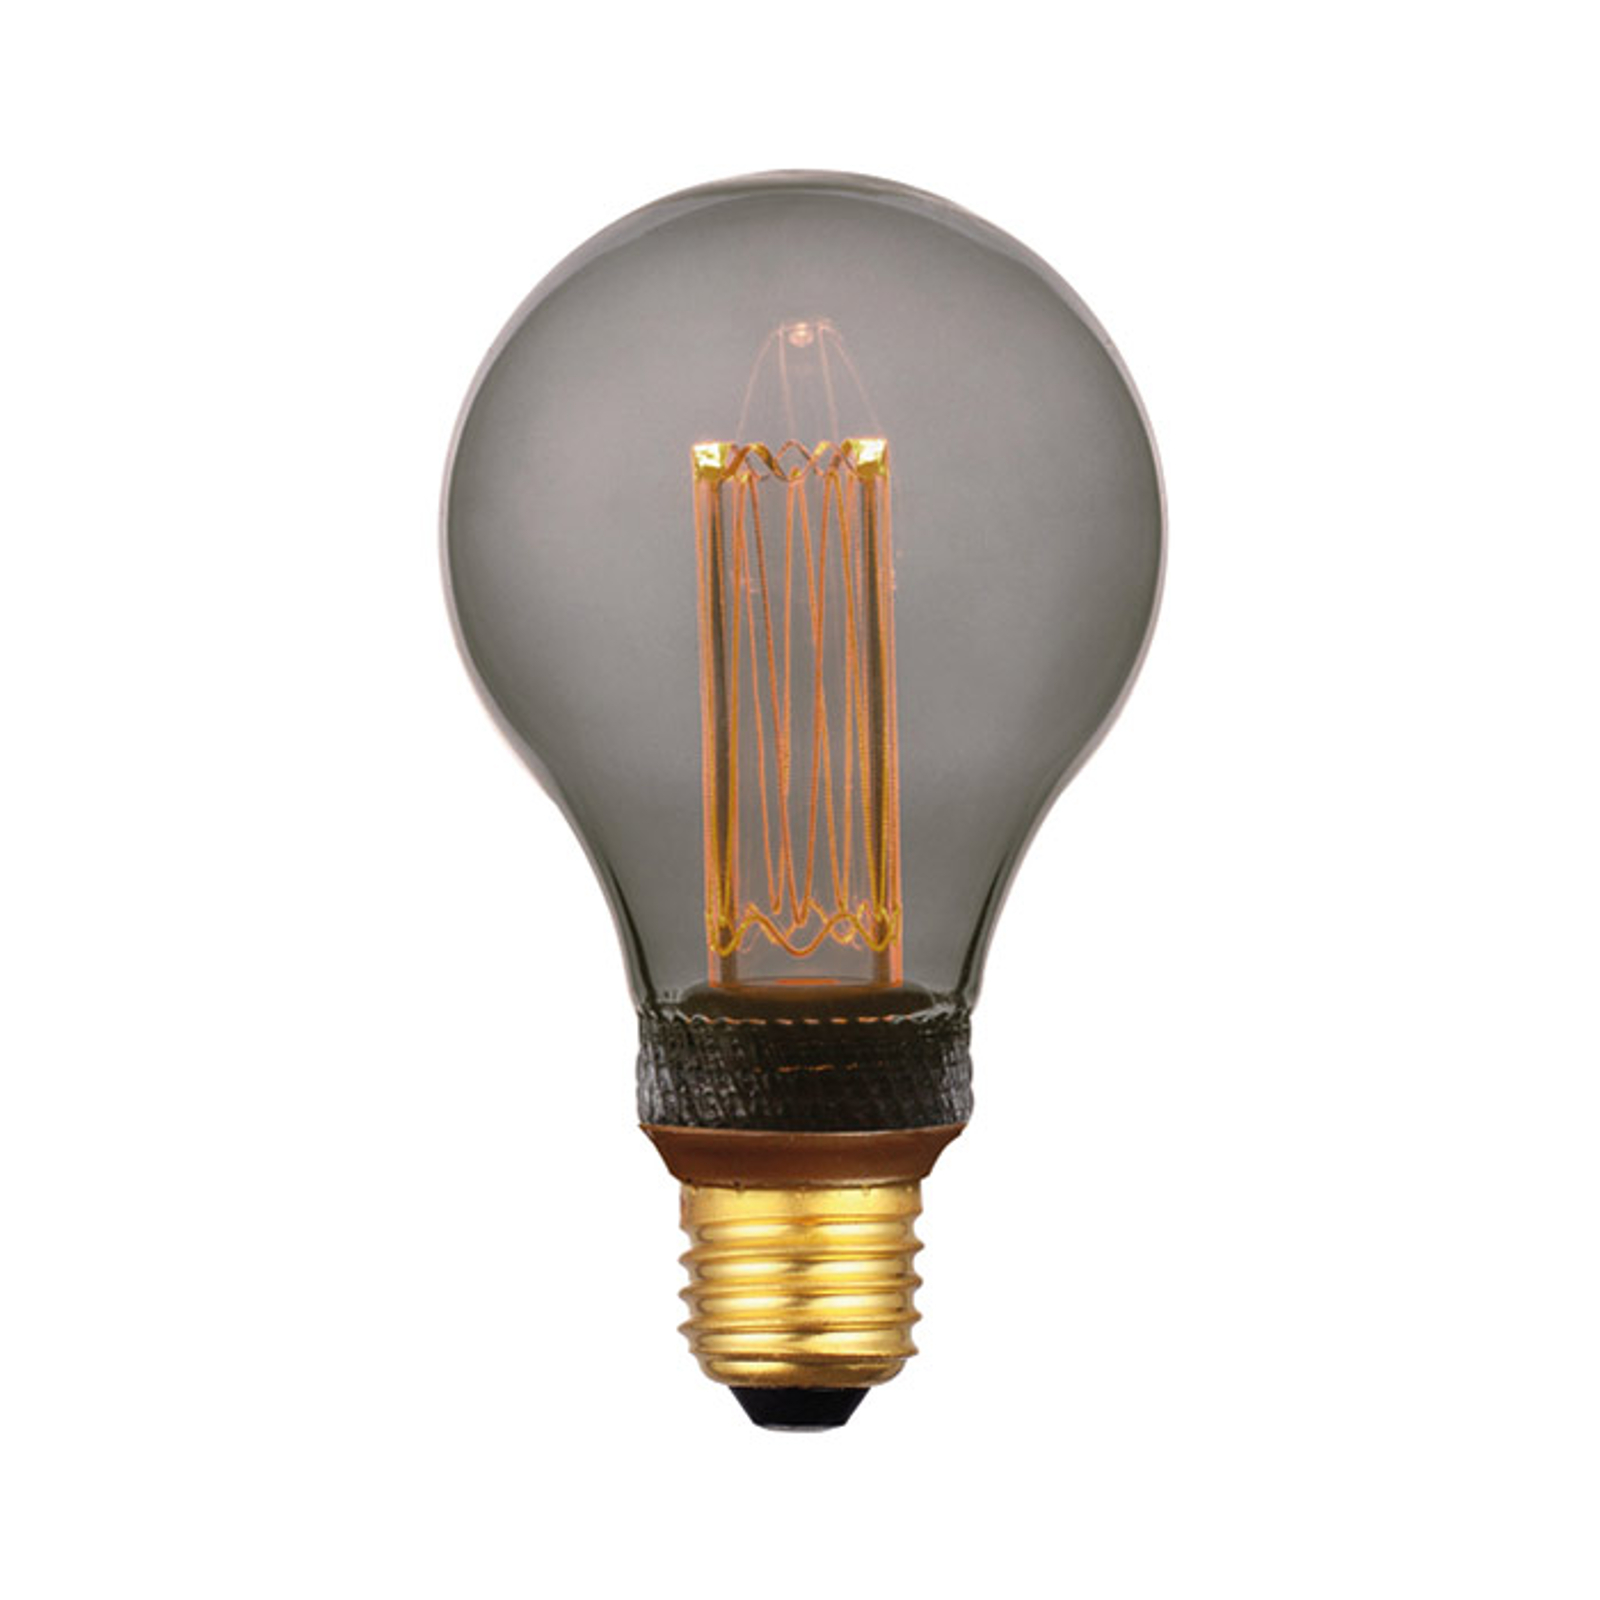 LED-pære E27 5W, varmhvit, 3-trinns dim, røyk 14cm